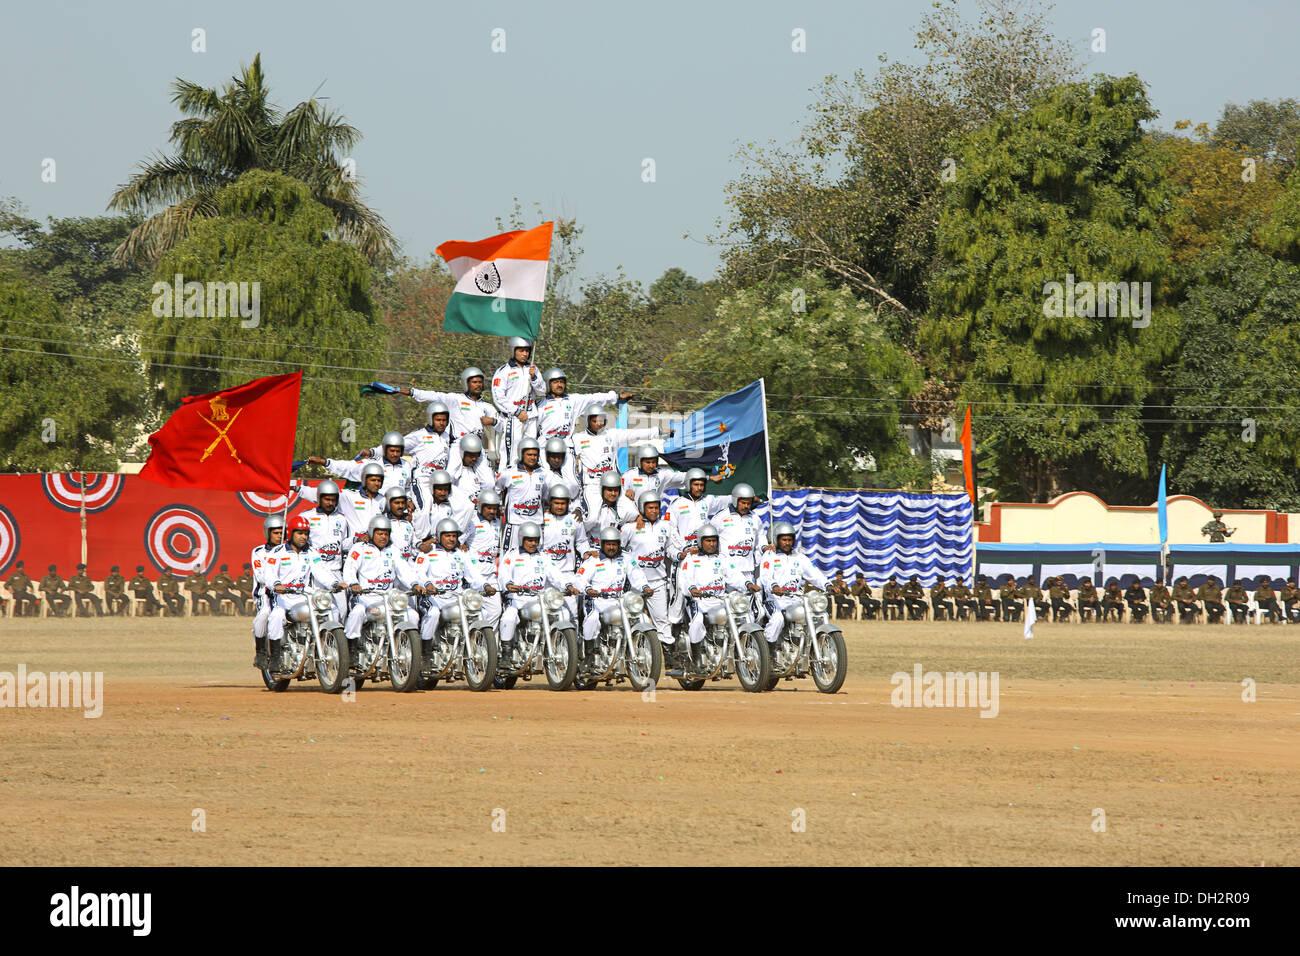 Synchronized balancing act on motor cycles at Jabalpur Madhya Pradesh India Asia - Stock Image